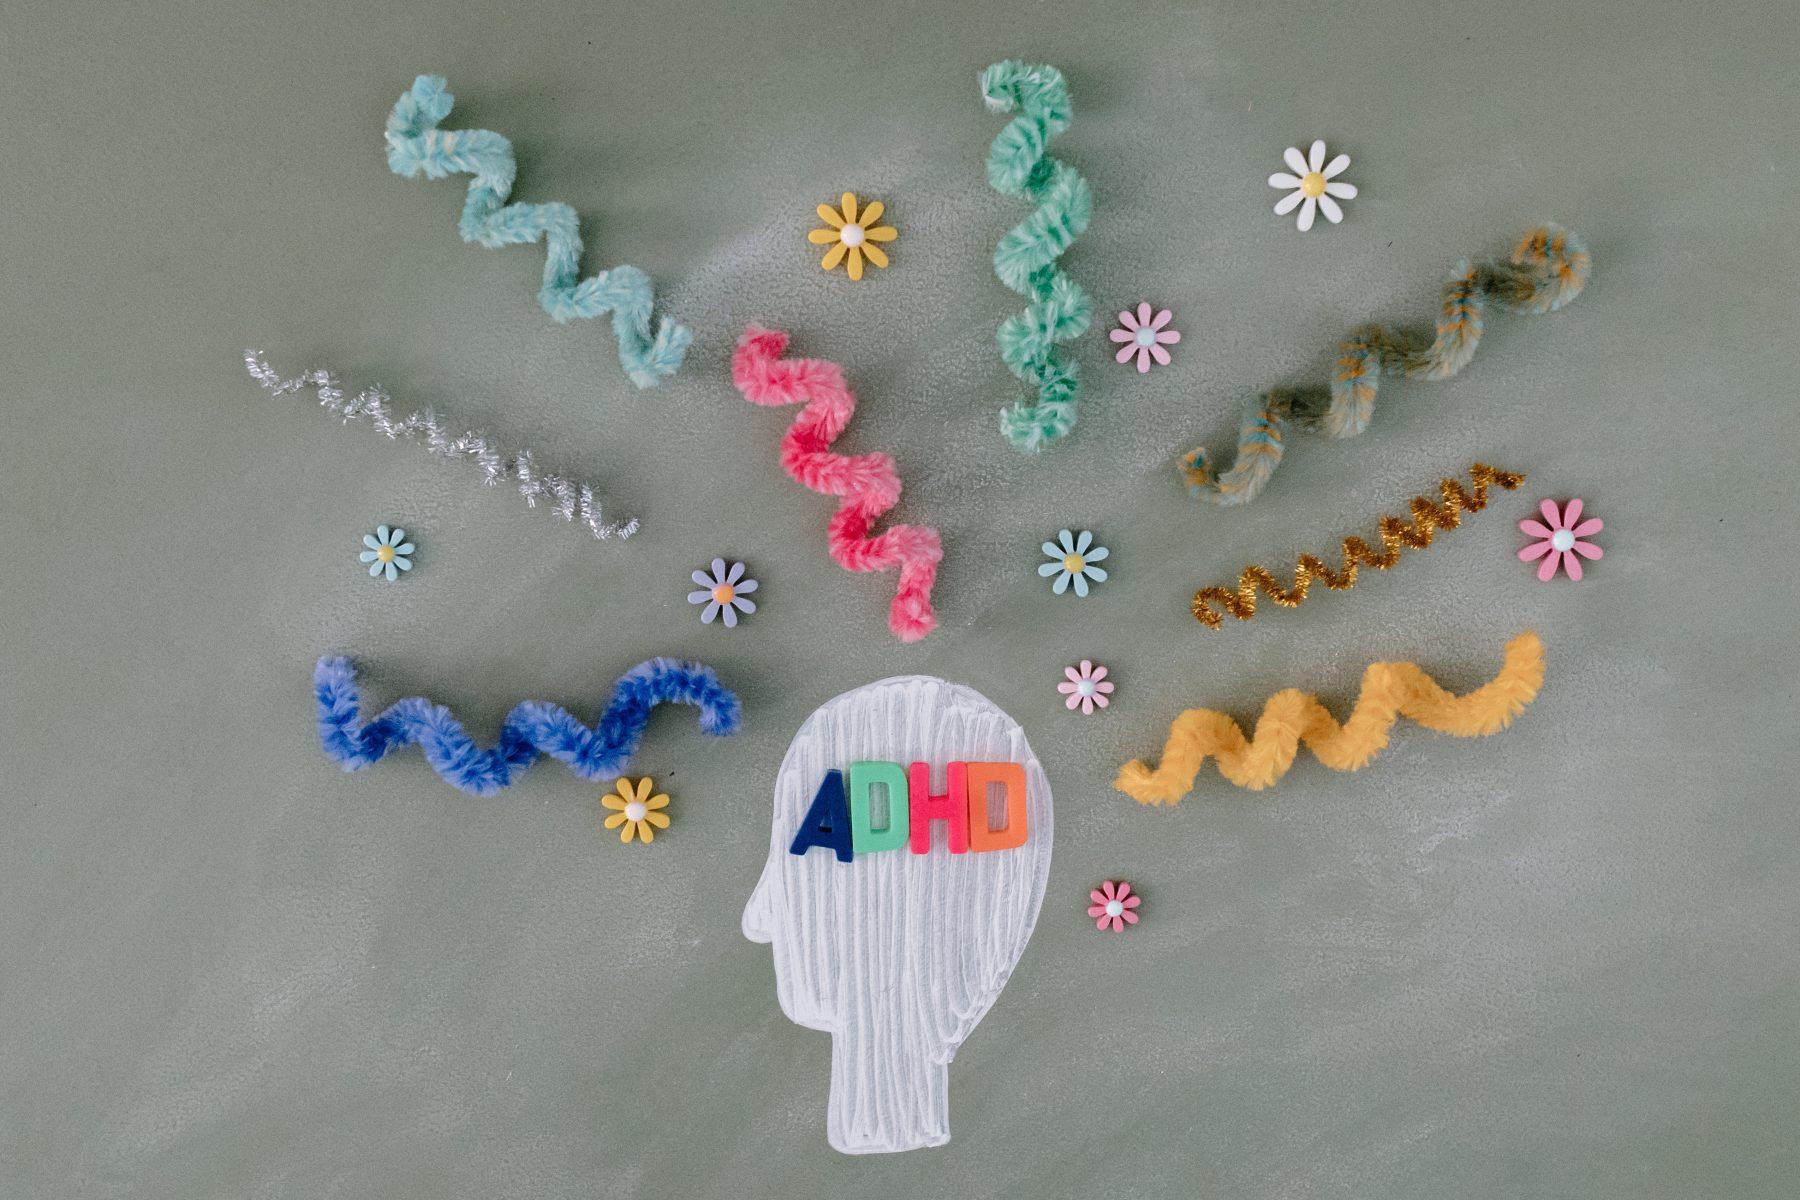 Zeichnung eines menschlichen Kopfes mit ADHS geschrieben und bunten Spiralen herum.